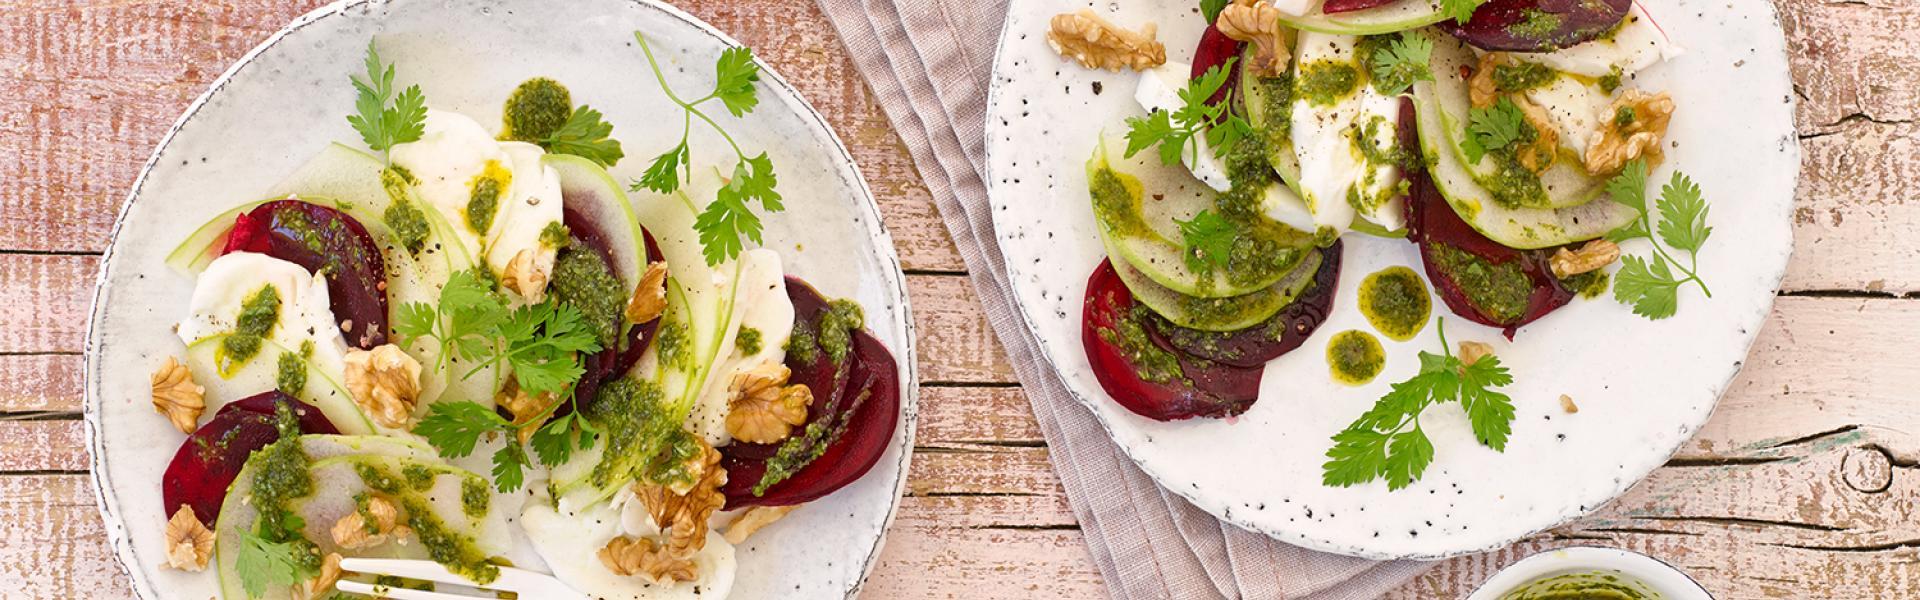 Rote-Bete-Mozzarella-Salat auf zwei Tellern angerichtet.